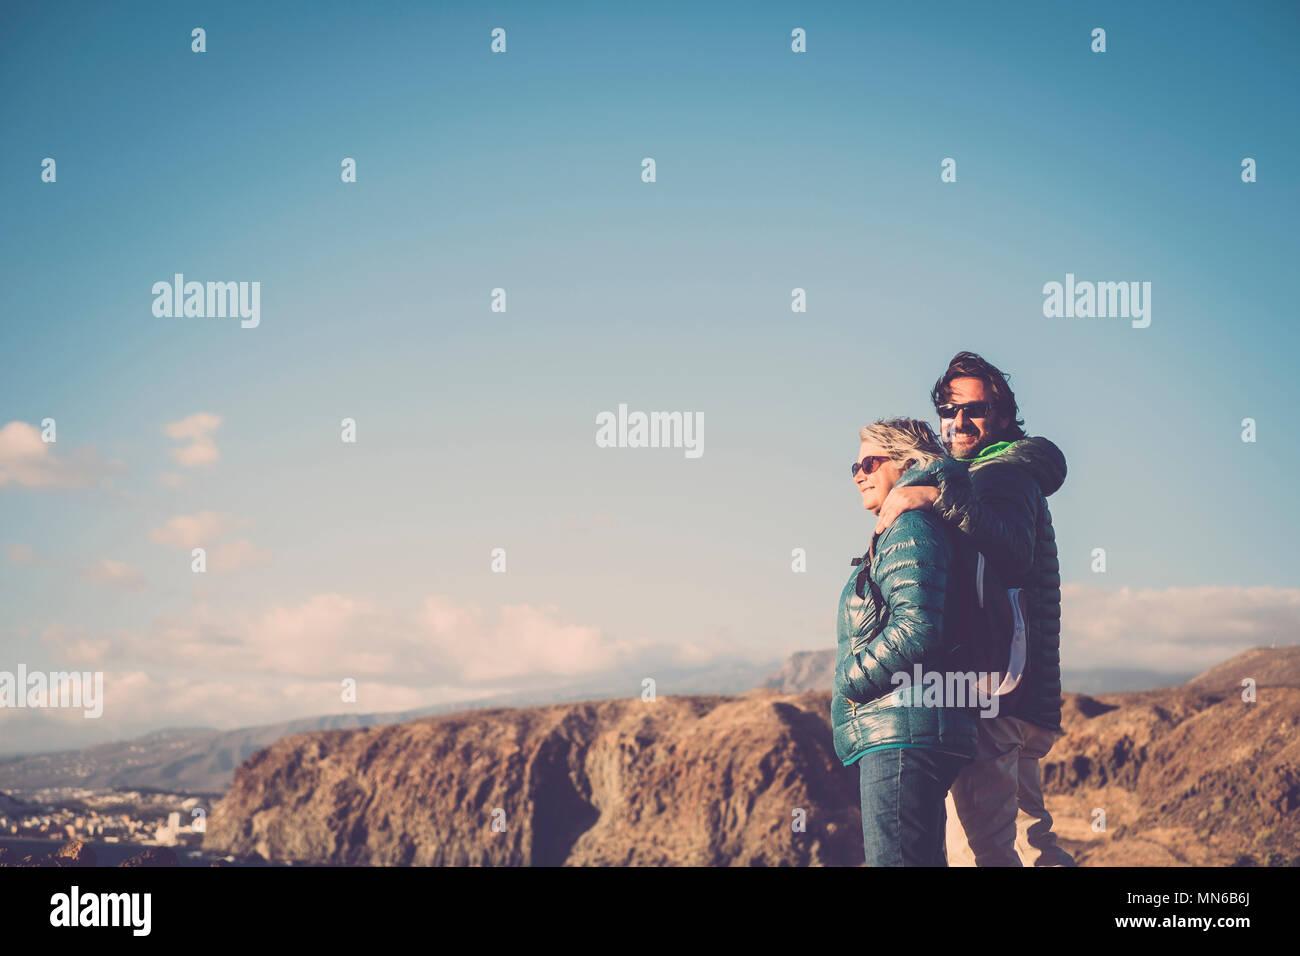 Mutter mit weißen Haaren und einem 45 Jahre alten Sohn verbringen die Zeit zusammen lächeln, umgeben von unberührter Natur. Zwischen Meer und Bergen wandern und trekking Stockbild